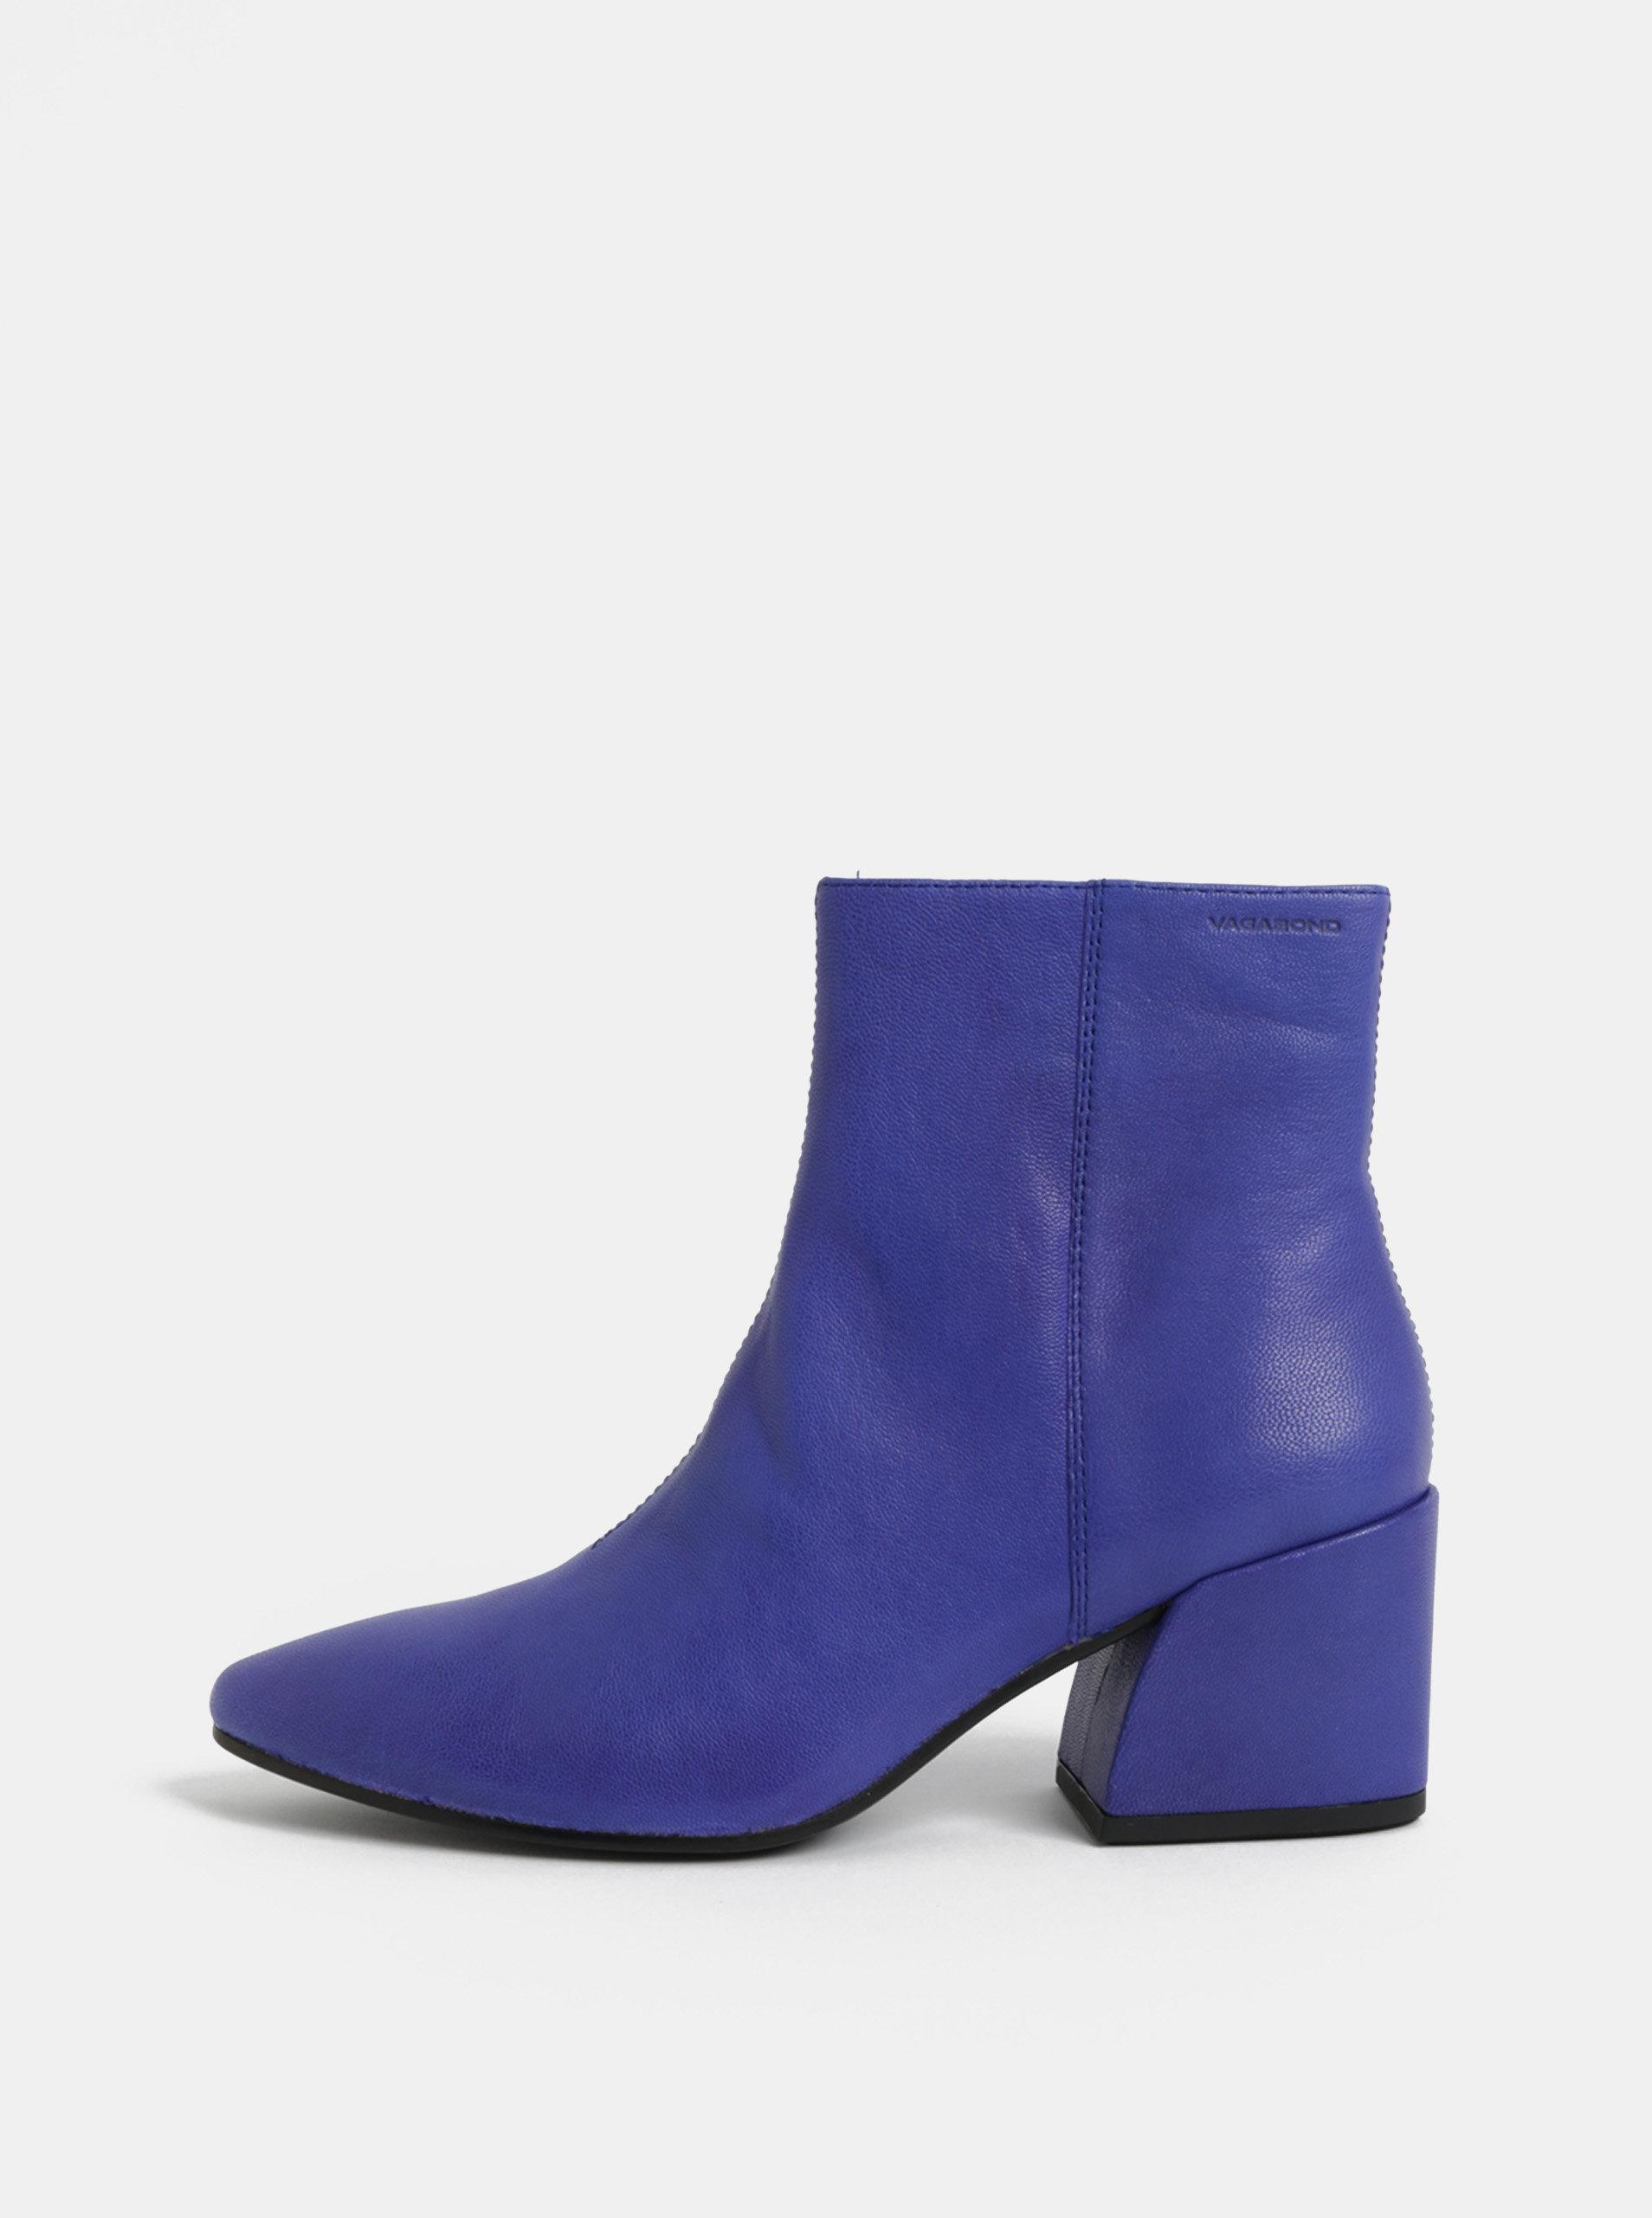 2c4c1ad5bf Modré dámske kožené členkové topánky na podpätku Vagabond Olivia ...